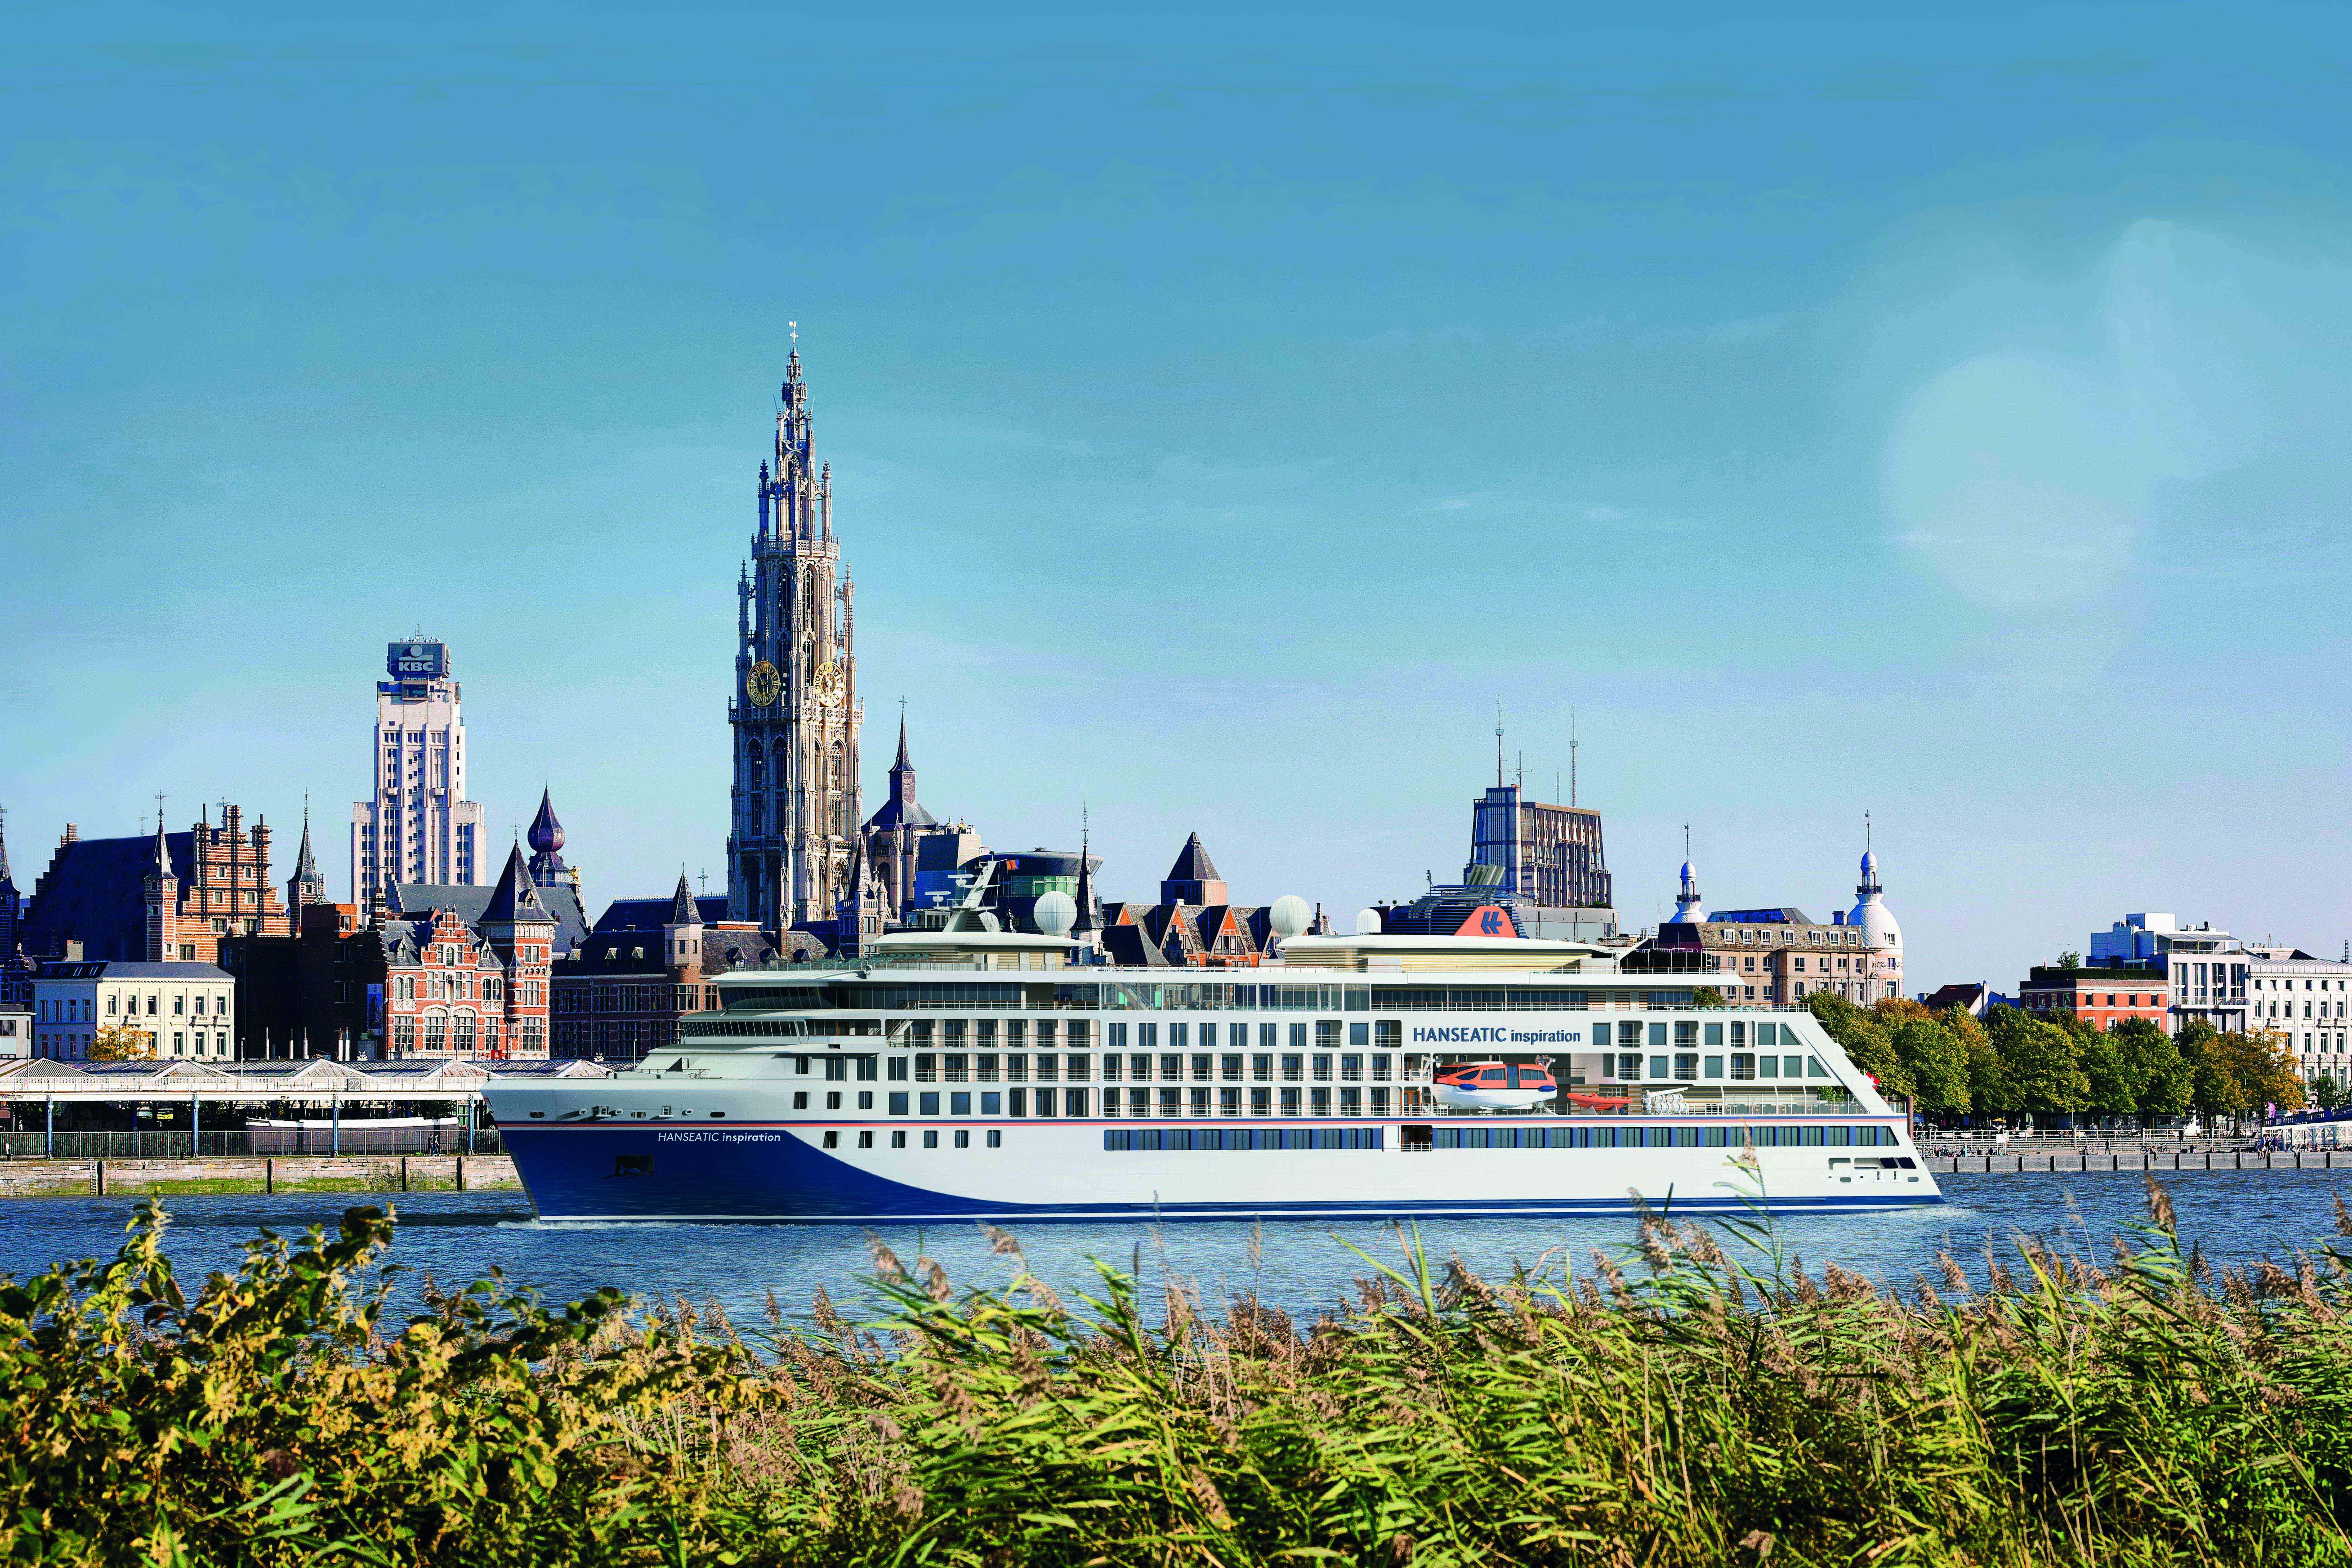 Hapag-Lloyd Cruises wird sein zweites Expeditionsschiff am 13. Oktober 2019 vor der Kulisse der belgischen Hafenstadt Antwerpen auf den Namen HANSEATICinspiration taufen. Zum ersten Mal in der Stadtgeschichte wird damit ein Kreuzfahrtschiff in Antwerpen getauft.